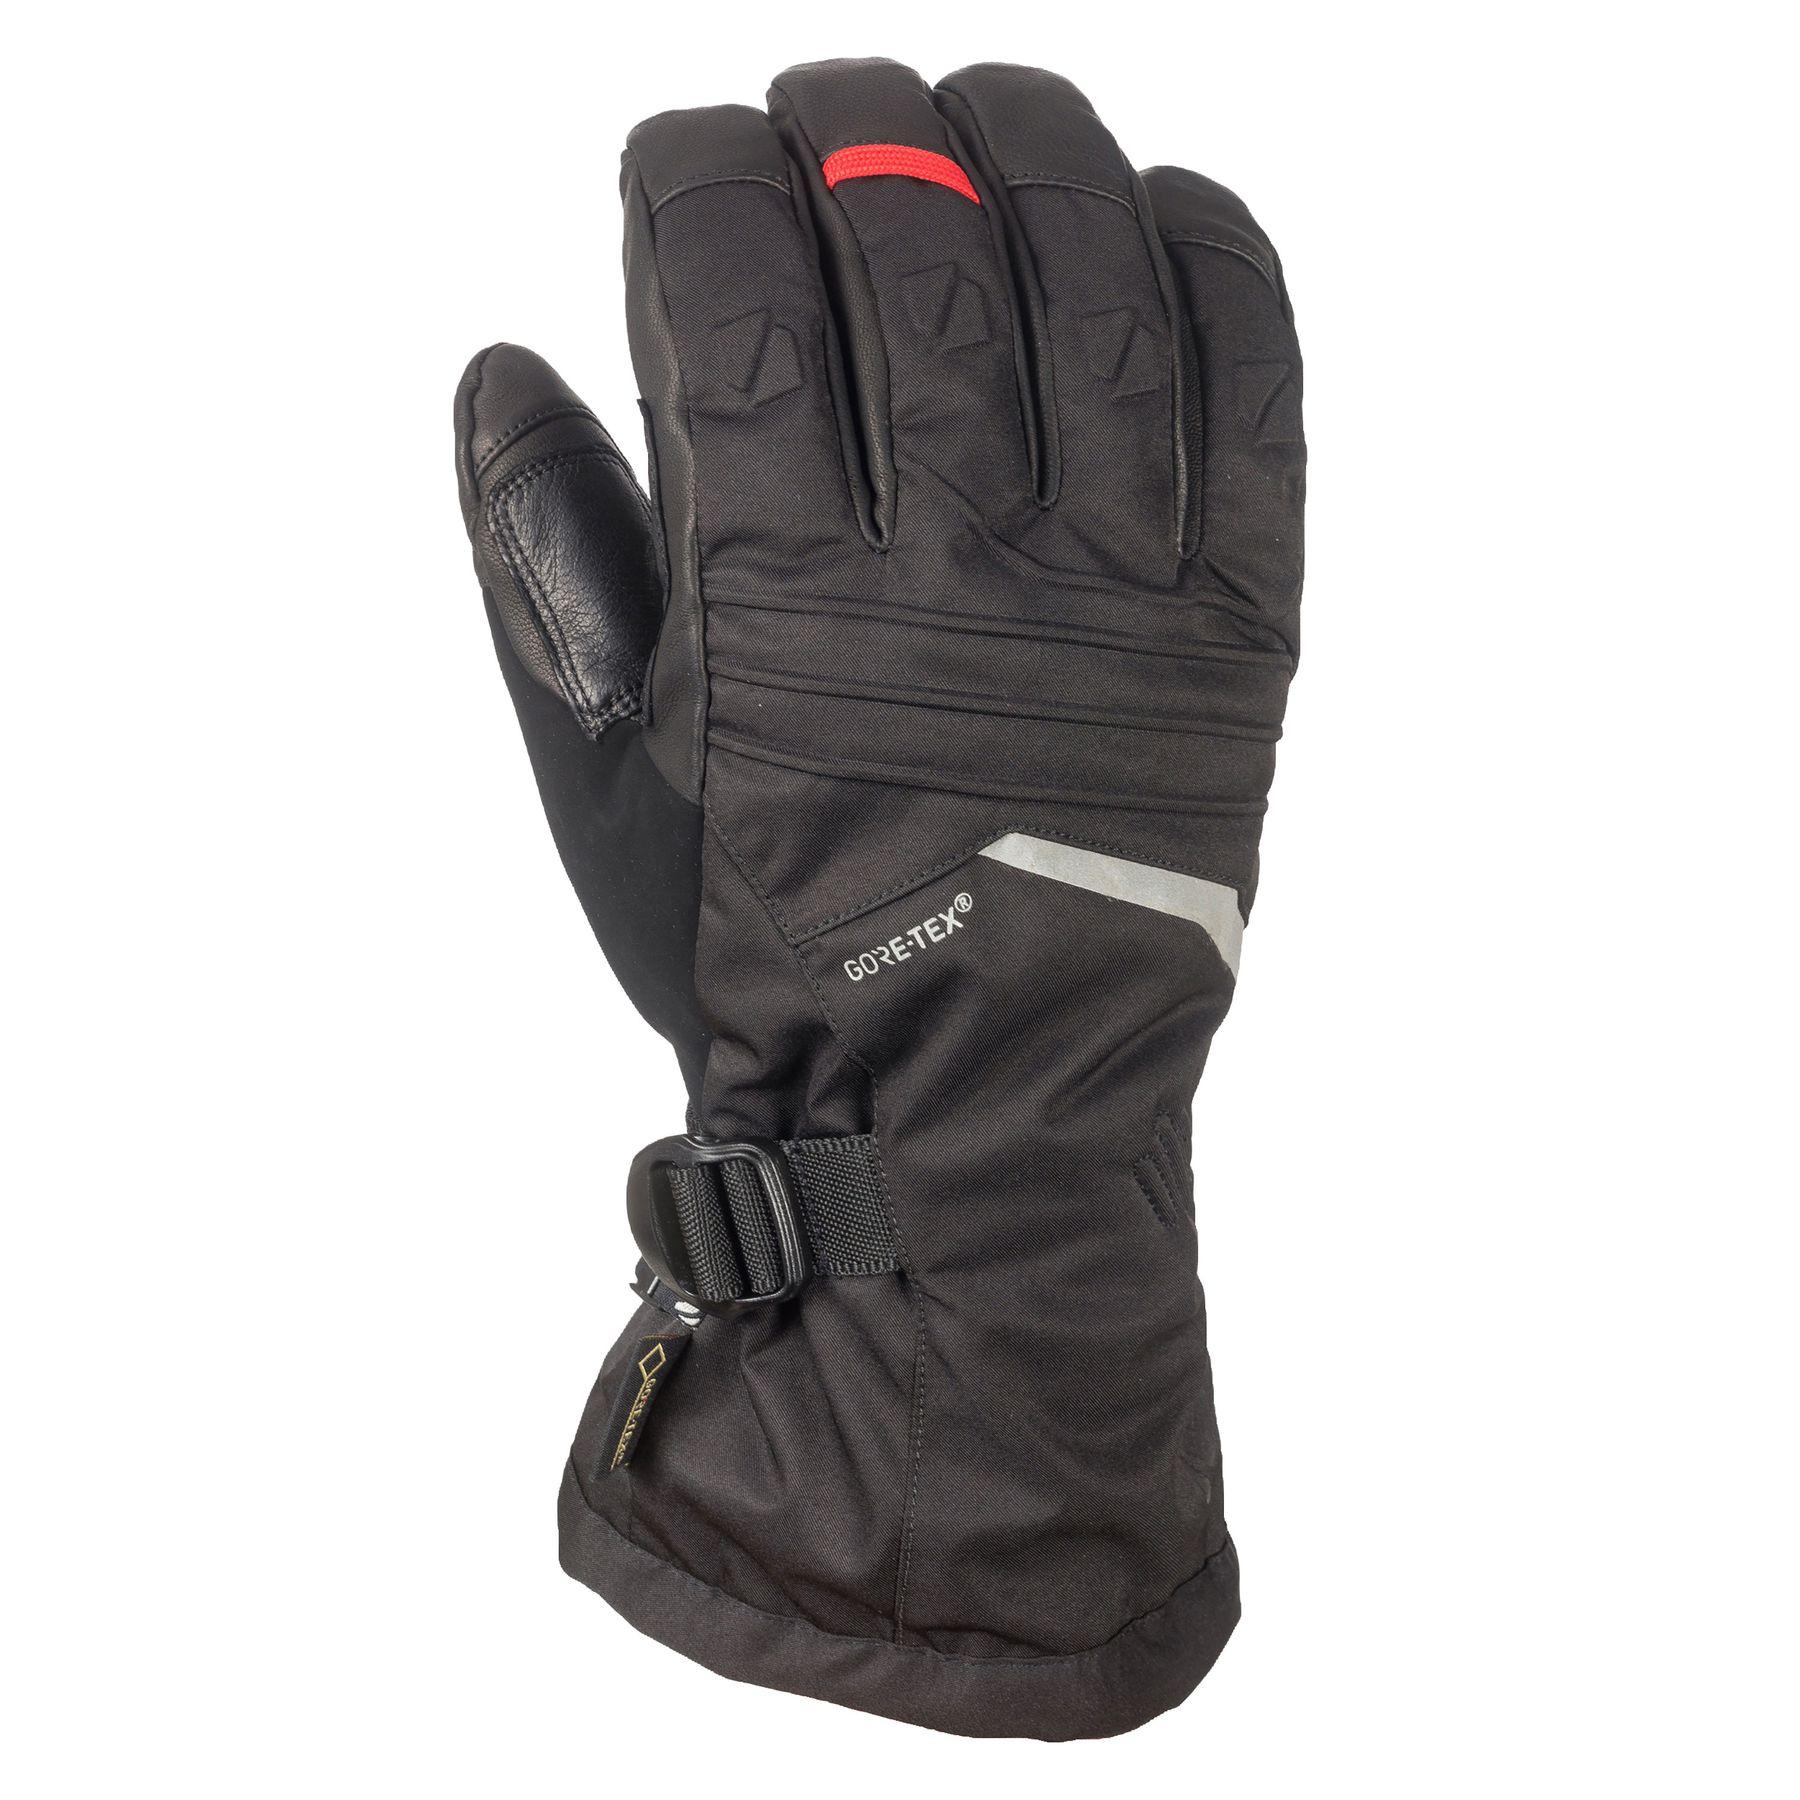 Millet - Alti Guide GTX Glove - Gloves